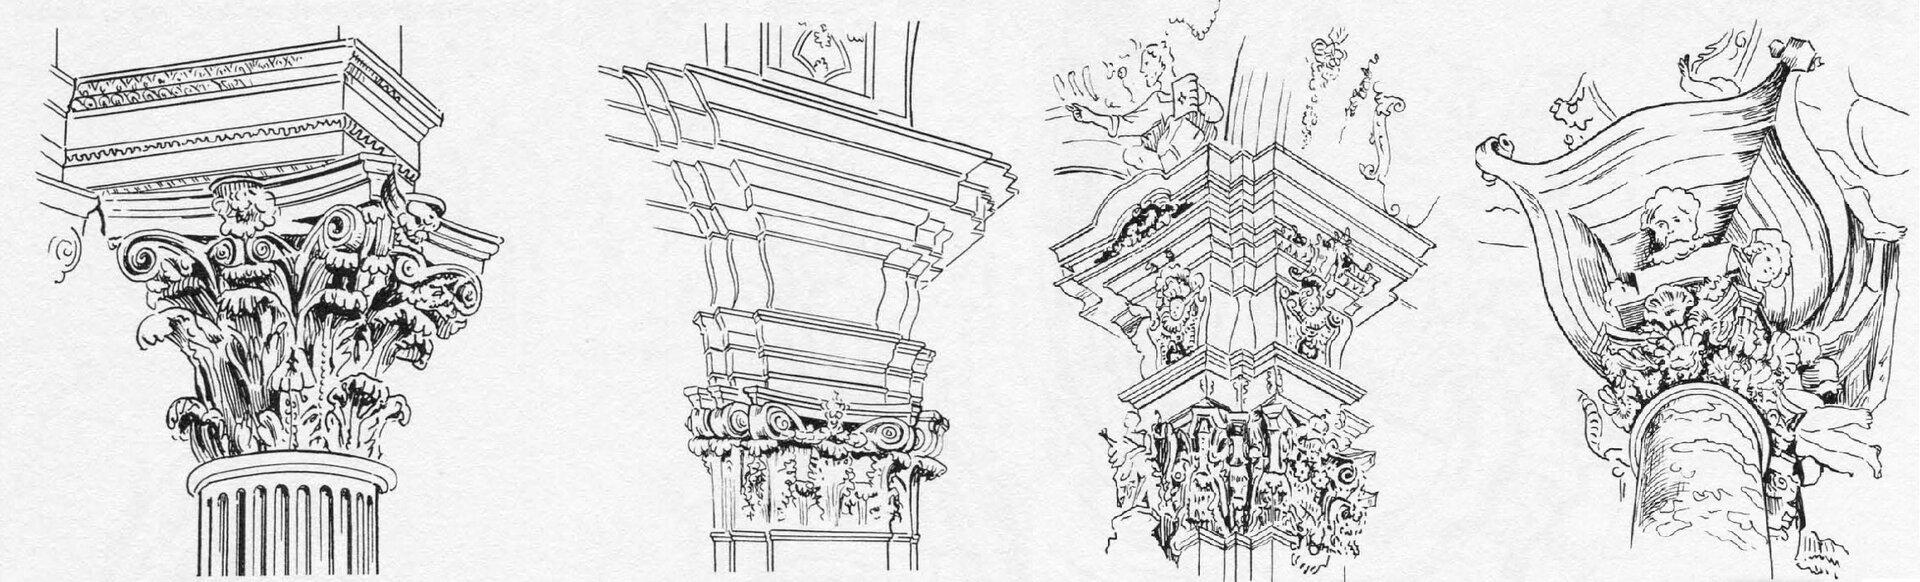 Ilustracja przedstawia rysunki głowic renesansowych. Pierwsza to głowica groteskowa zastragalem imotywami liściastymi, abakusem owklęsłych bokach. Druga posiada abakus owklęsłych bokach, narożne woluty, jest kanelowaną głowicą koszową. Trzecia to głowica fantazyjna zgłówką putta, narożnymi wolutami, kimationem jońskim, liśćmi akantu inasadnikiem (impostem). Czwarta wtypie doryckim posiada nasadniki (impost).